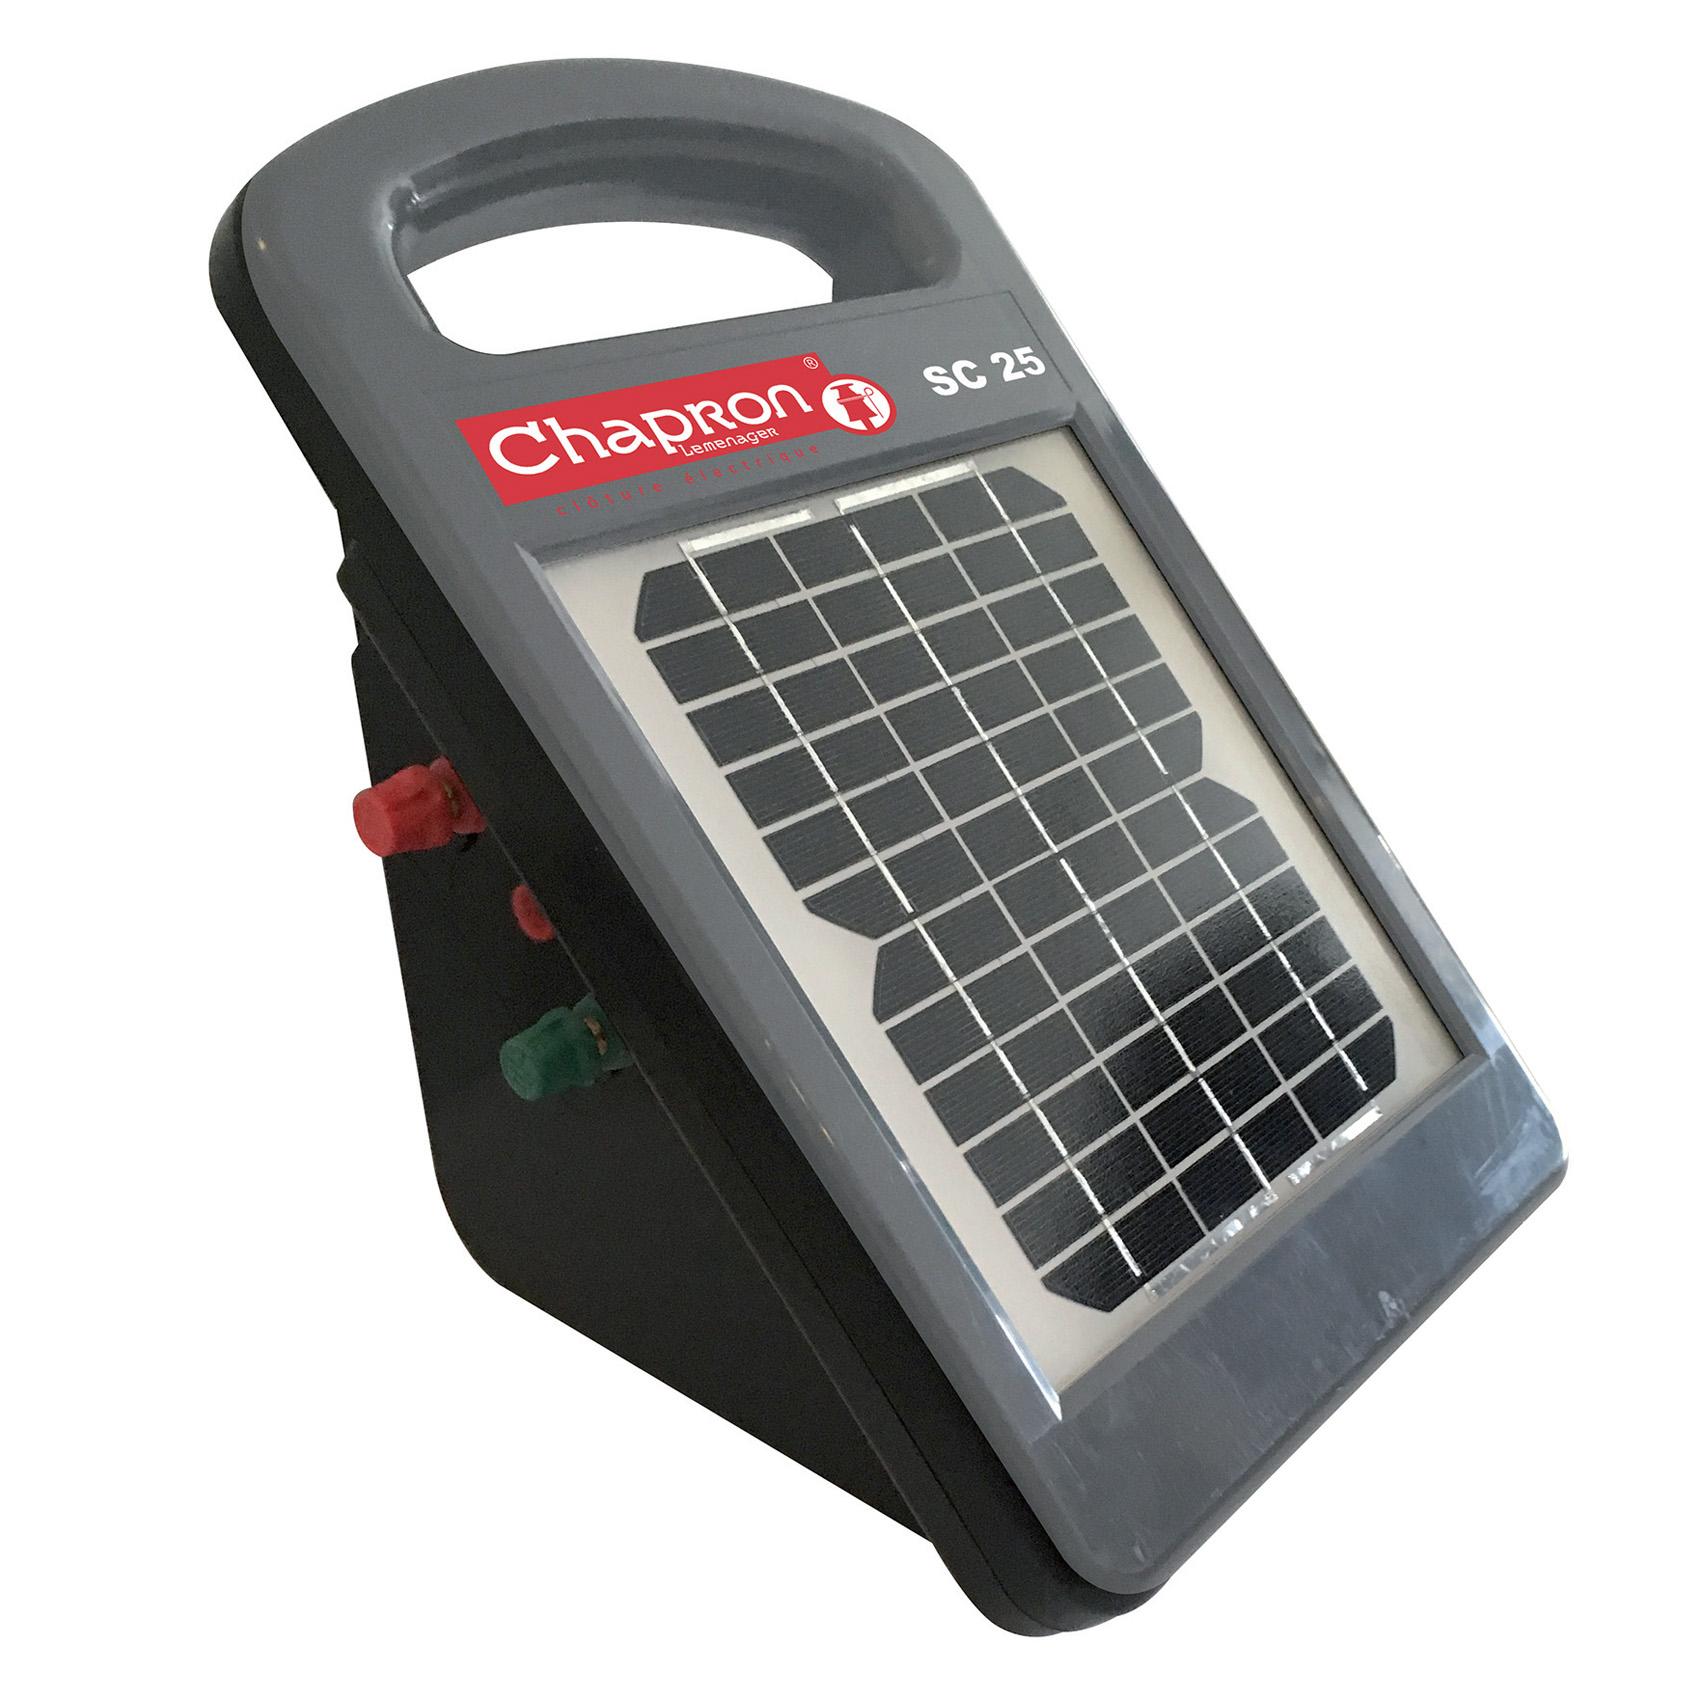 Electrificateur solaire SC25, poste portatif pour pâturage tourant